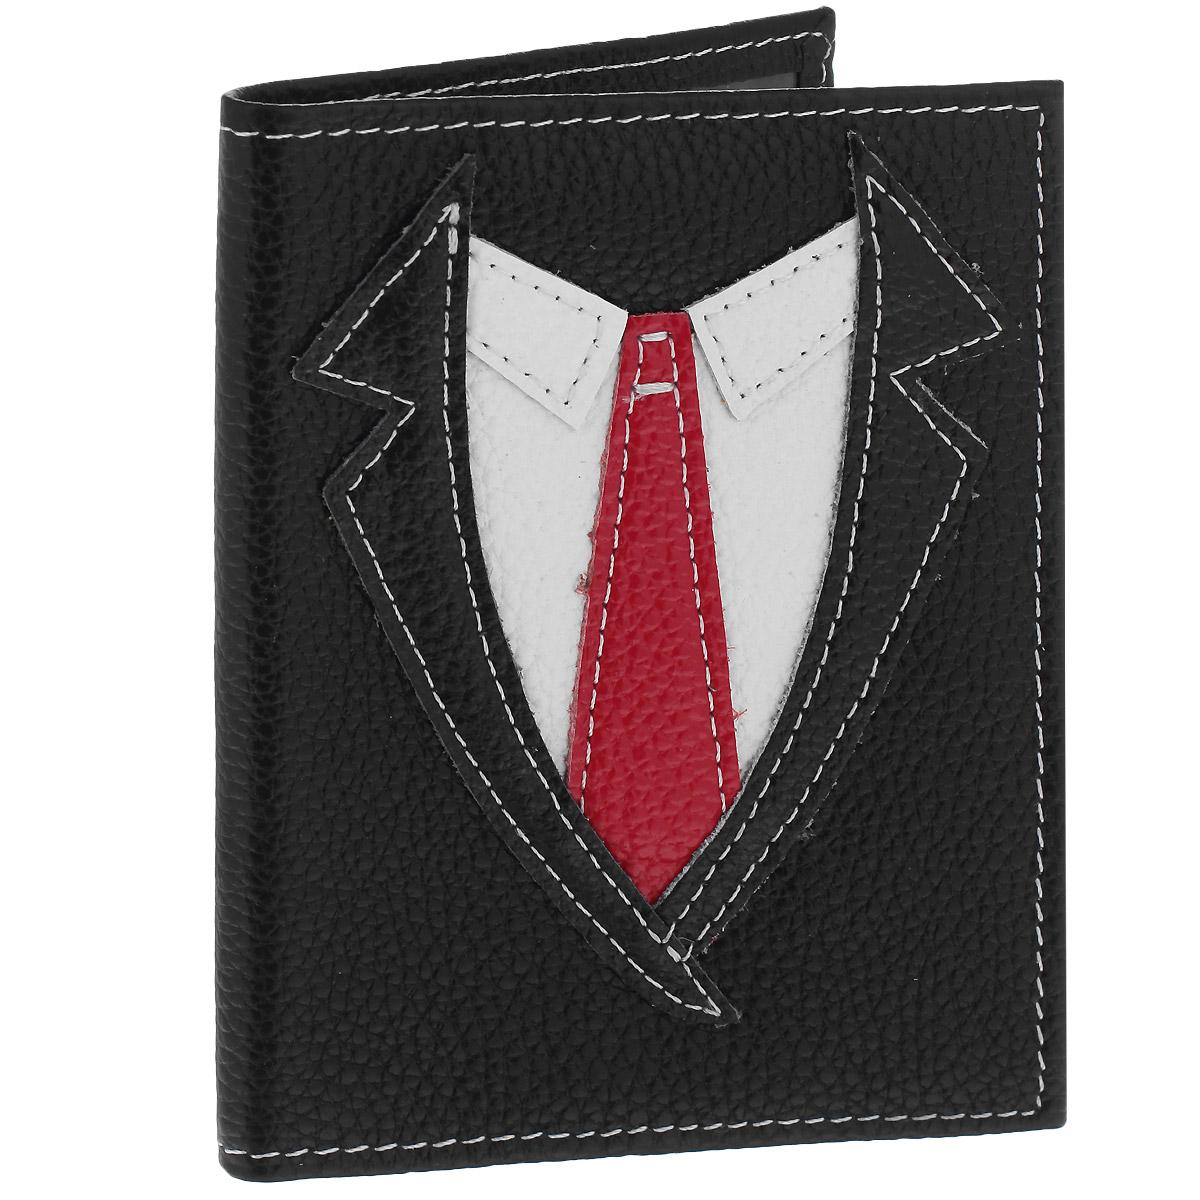 Обложка для паспорта Cheribags, цвет: черный. OP-2OP-2Оригинальная обложка для паспорта Cheribags изготовлена из натуральной высококачественной кожи. Лицевая сторона оформлена аппликацией в виде рубашки с галстуком. Внутри - два прозрачных боковых кармана из пластика, которые прочно зафиксируют ваш паспорт. Модная обложка для паспорта не только поможет сохранить внешний вид вашего документа и защитить его от повреждений, но и станет стильным аксессуаром, который прекрасно дополнит ваш образ.